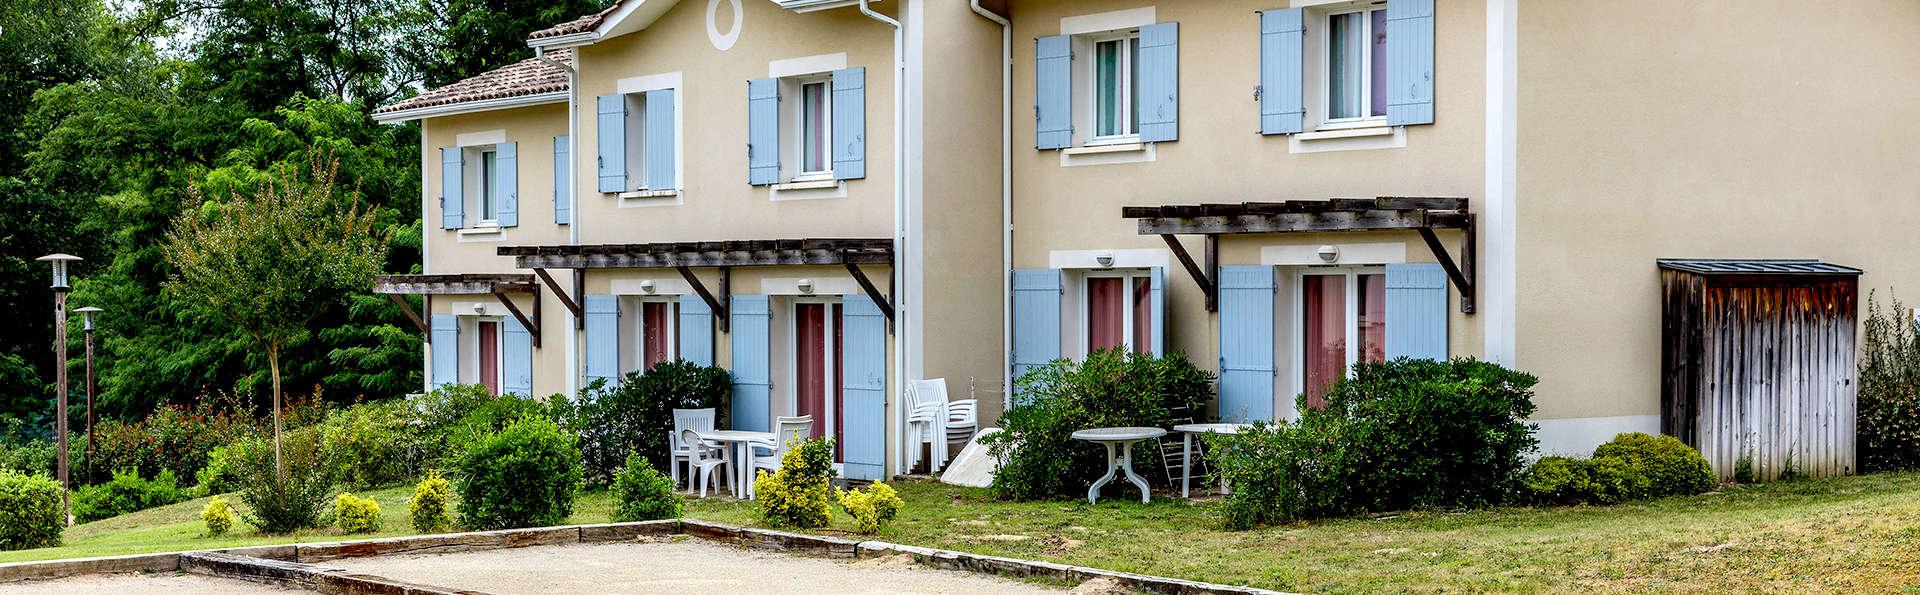 Vacancéole - Résidence le Domaine du Golf d'Albret - Edit_Front8.jpg